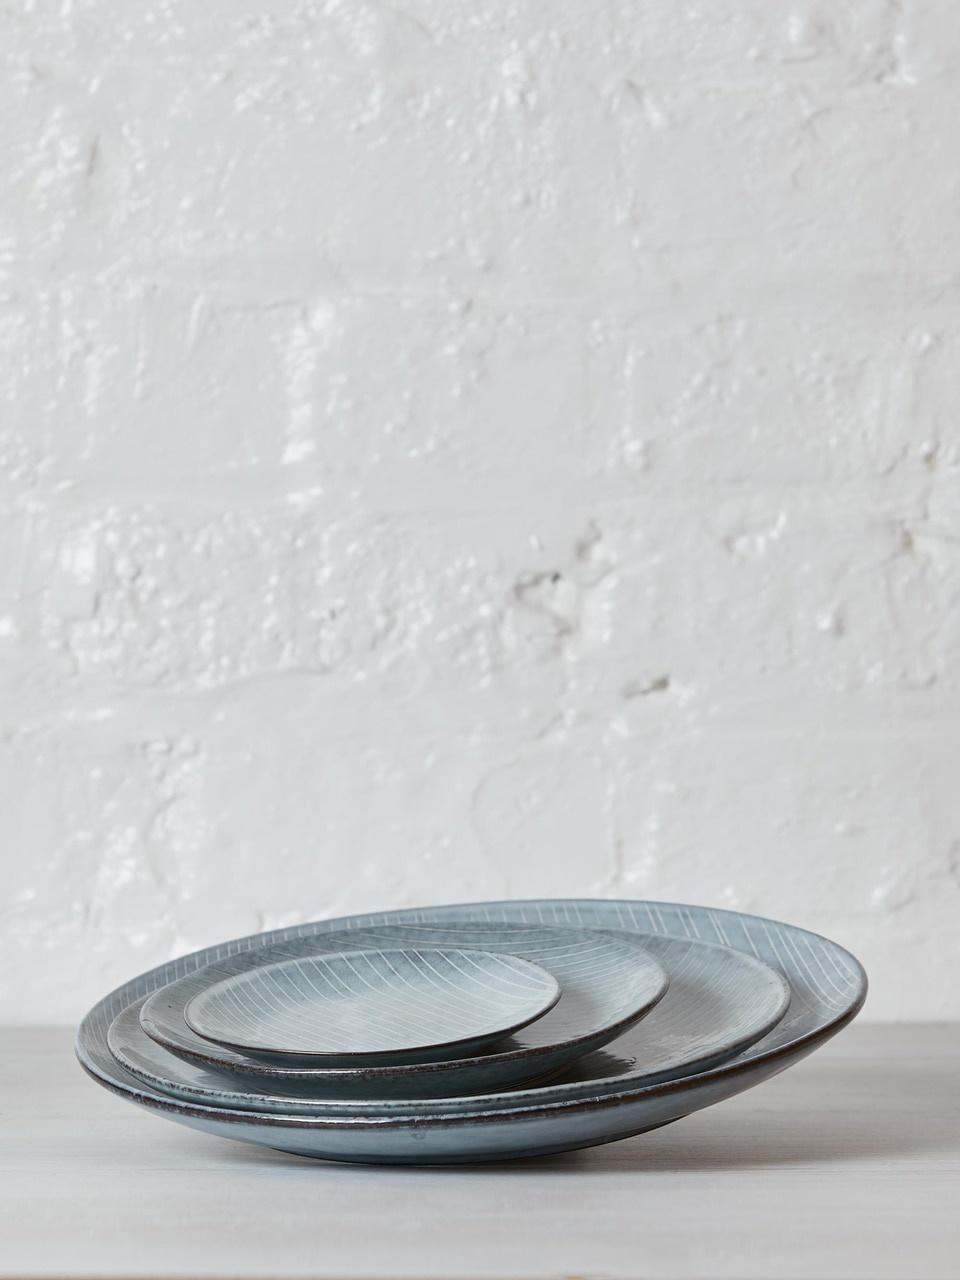 Broste Copenhagen Dinerbord Nordic Sea - ø26cm - set van 4-14531033-5709895876466